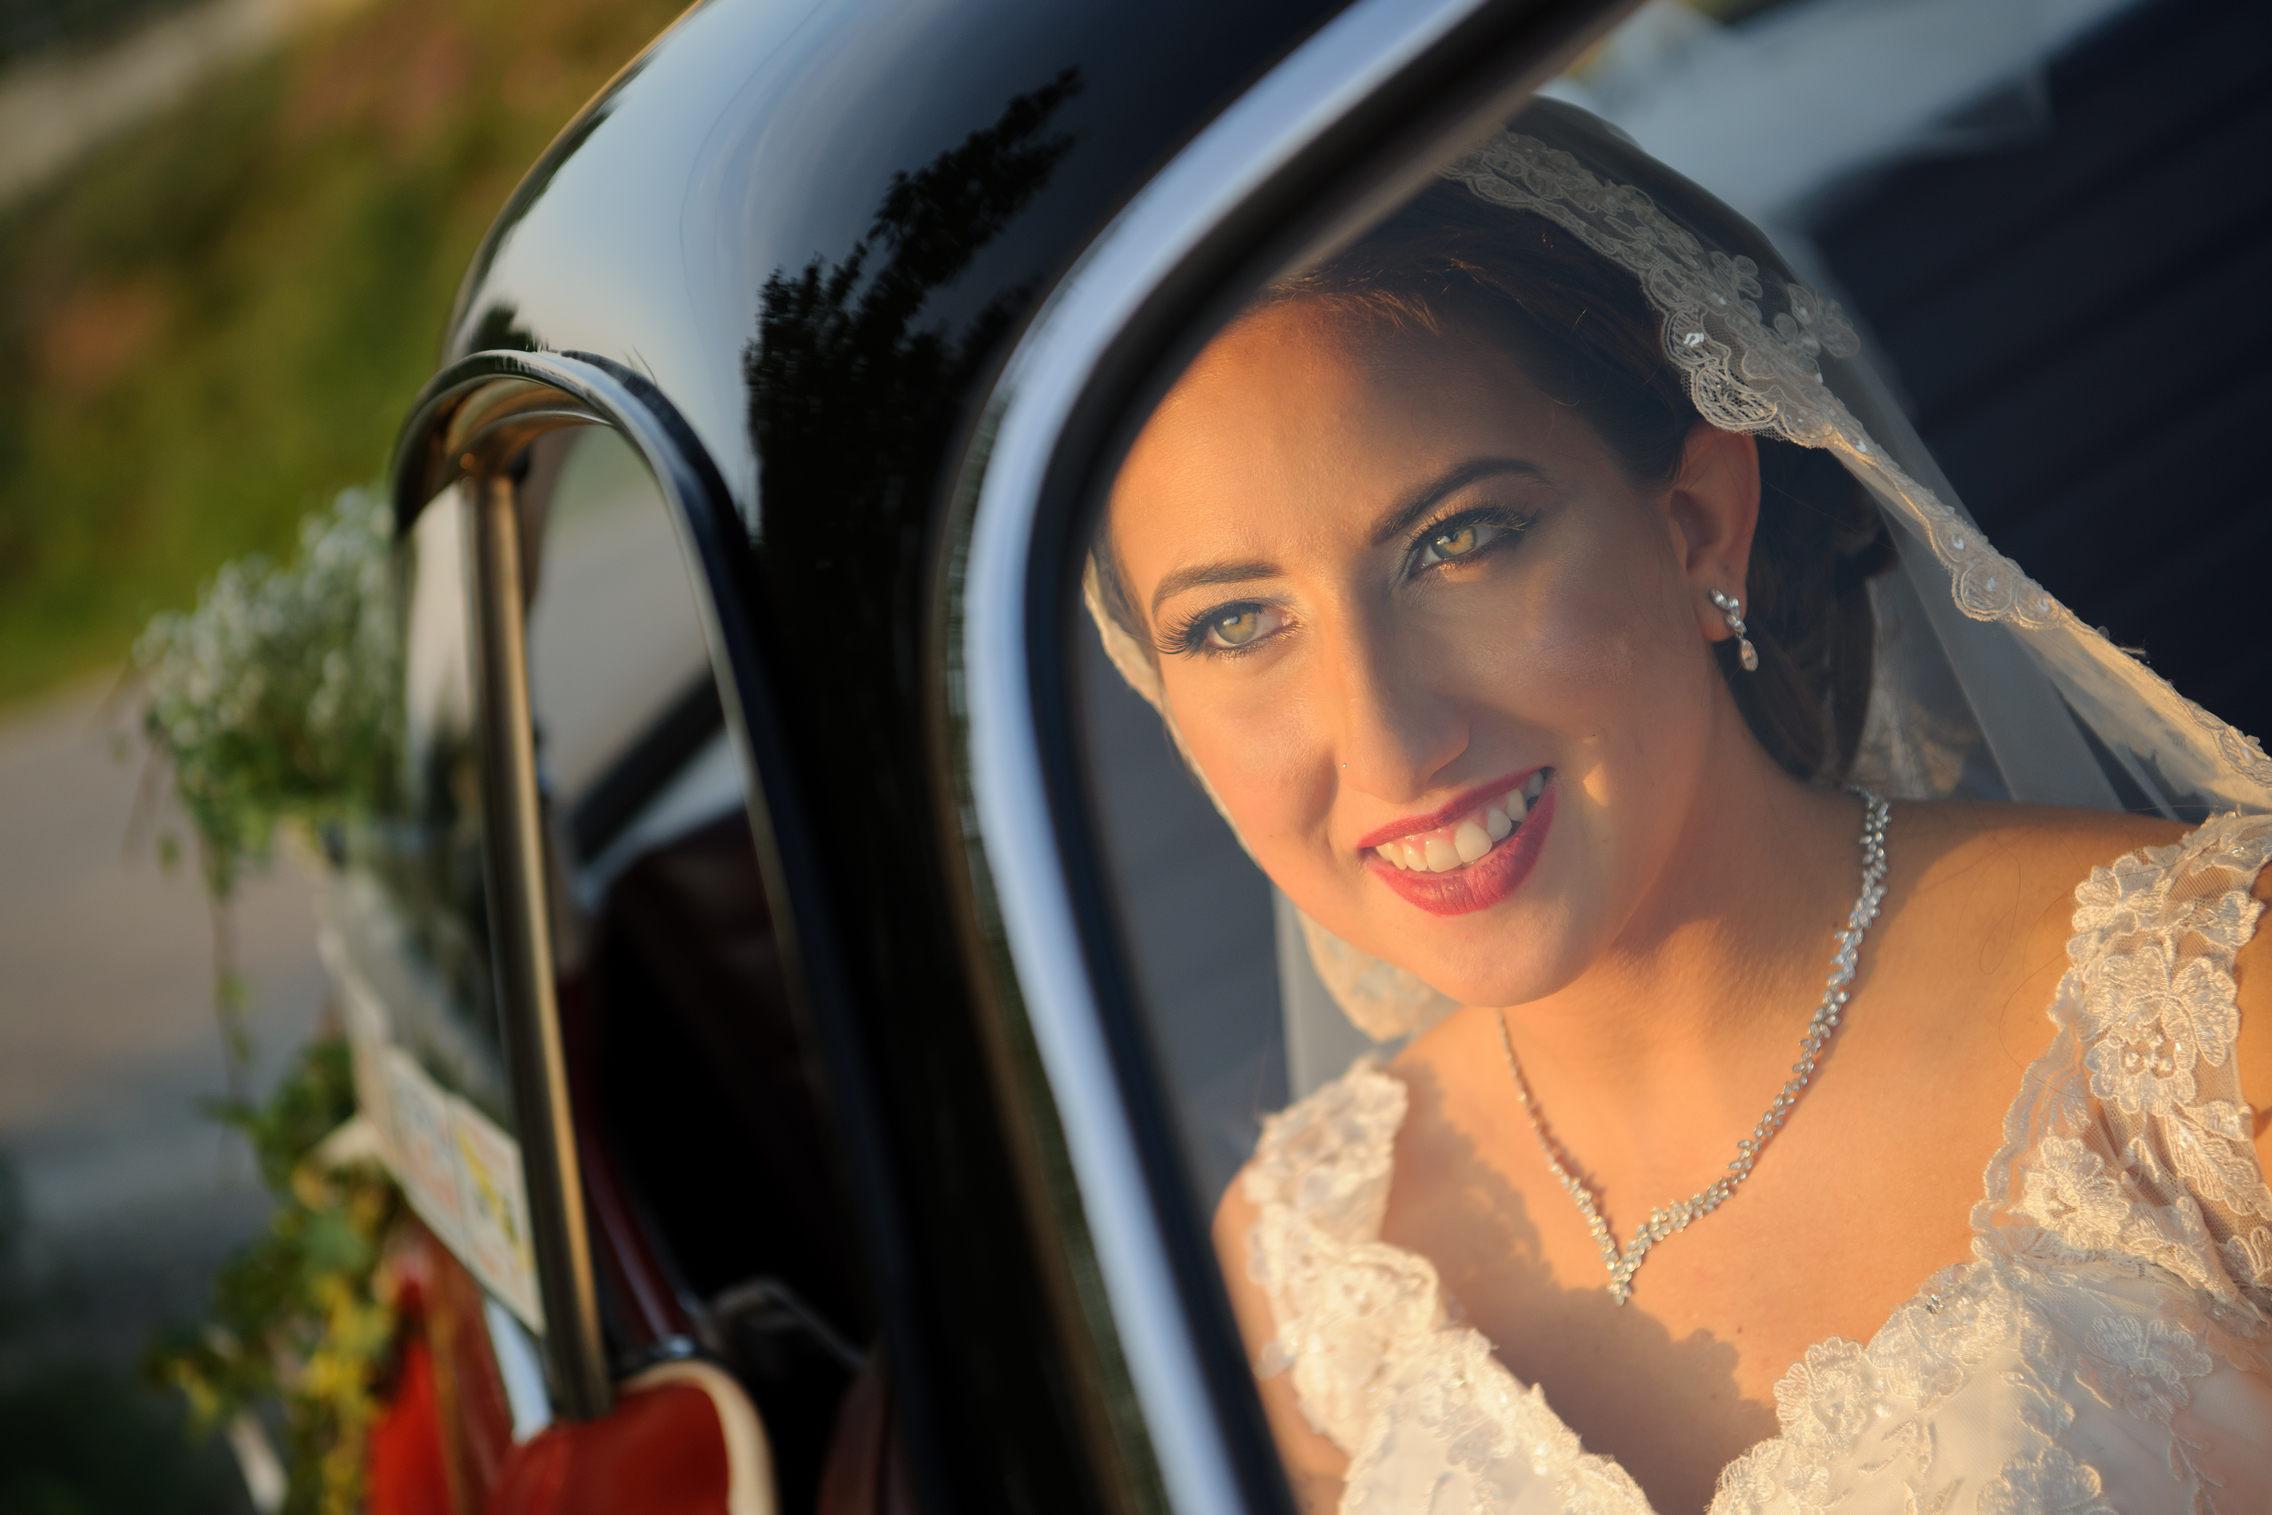 ritratto sposa nella macchina - bride portrait in the car